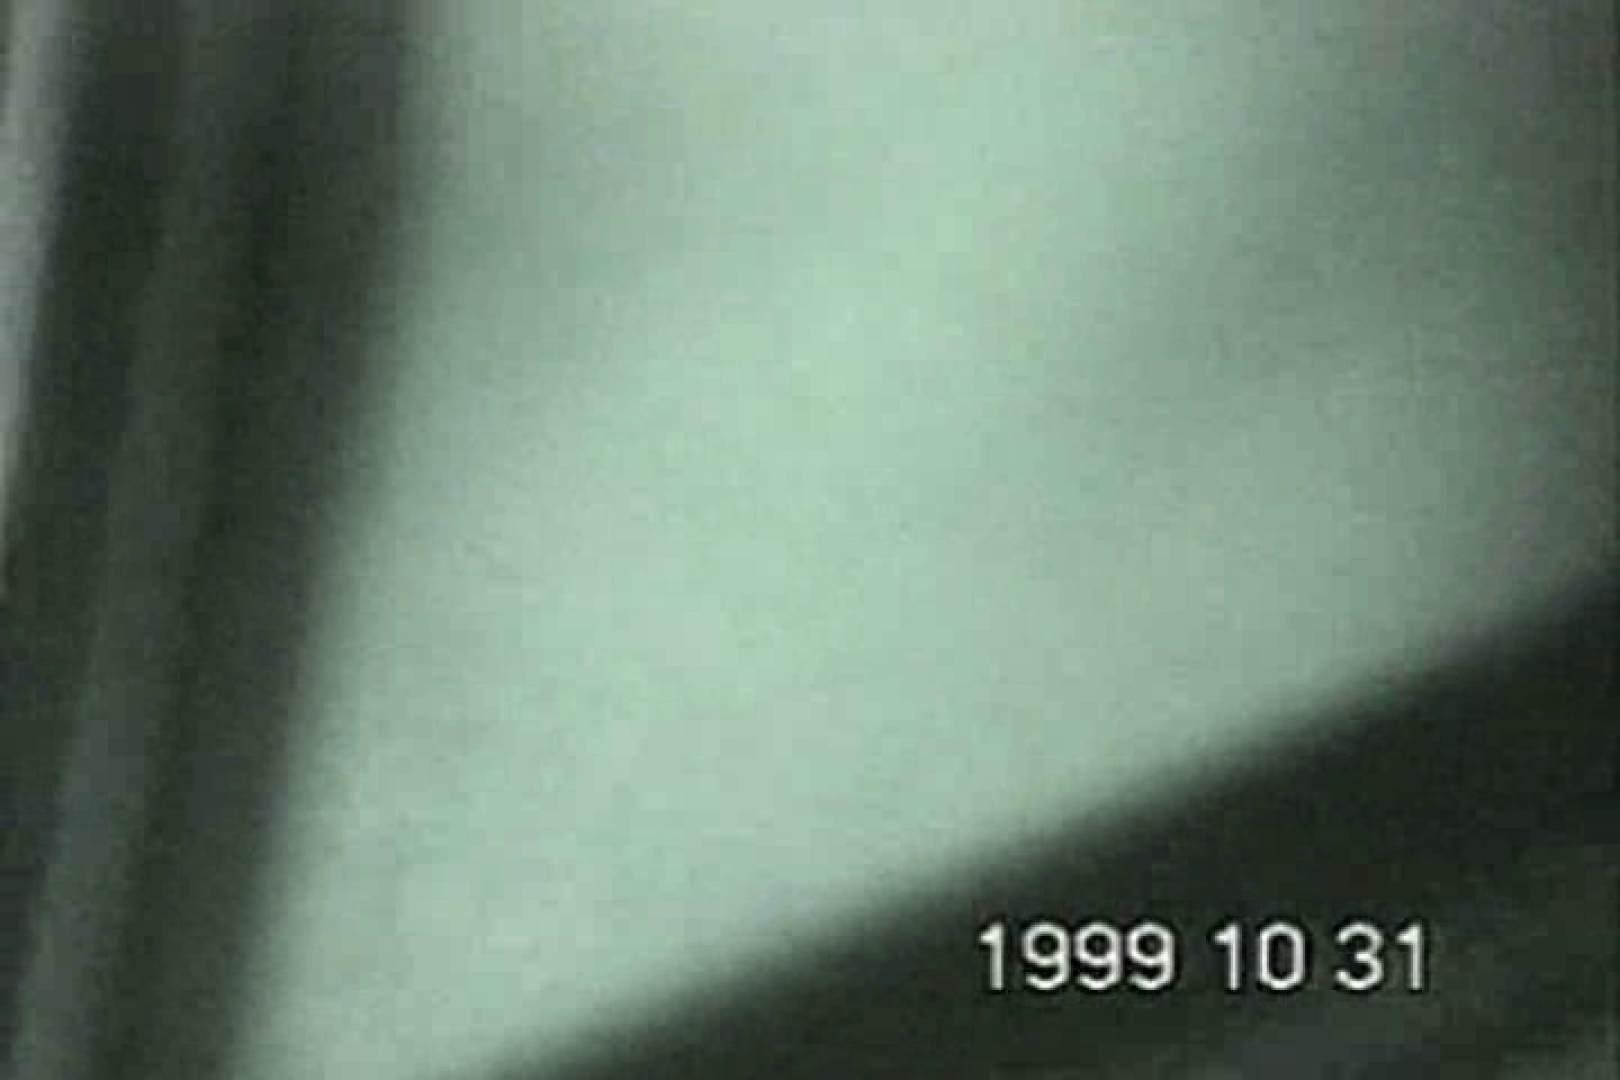 蔵出し!!赤外線カーセックスVol.6 接写 隠し撮りAV無料 108連発 21